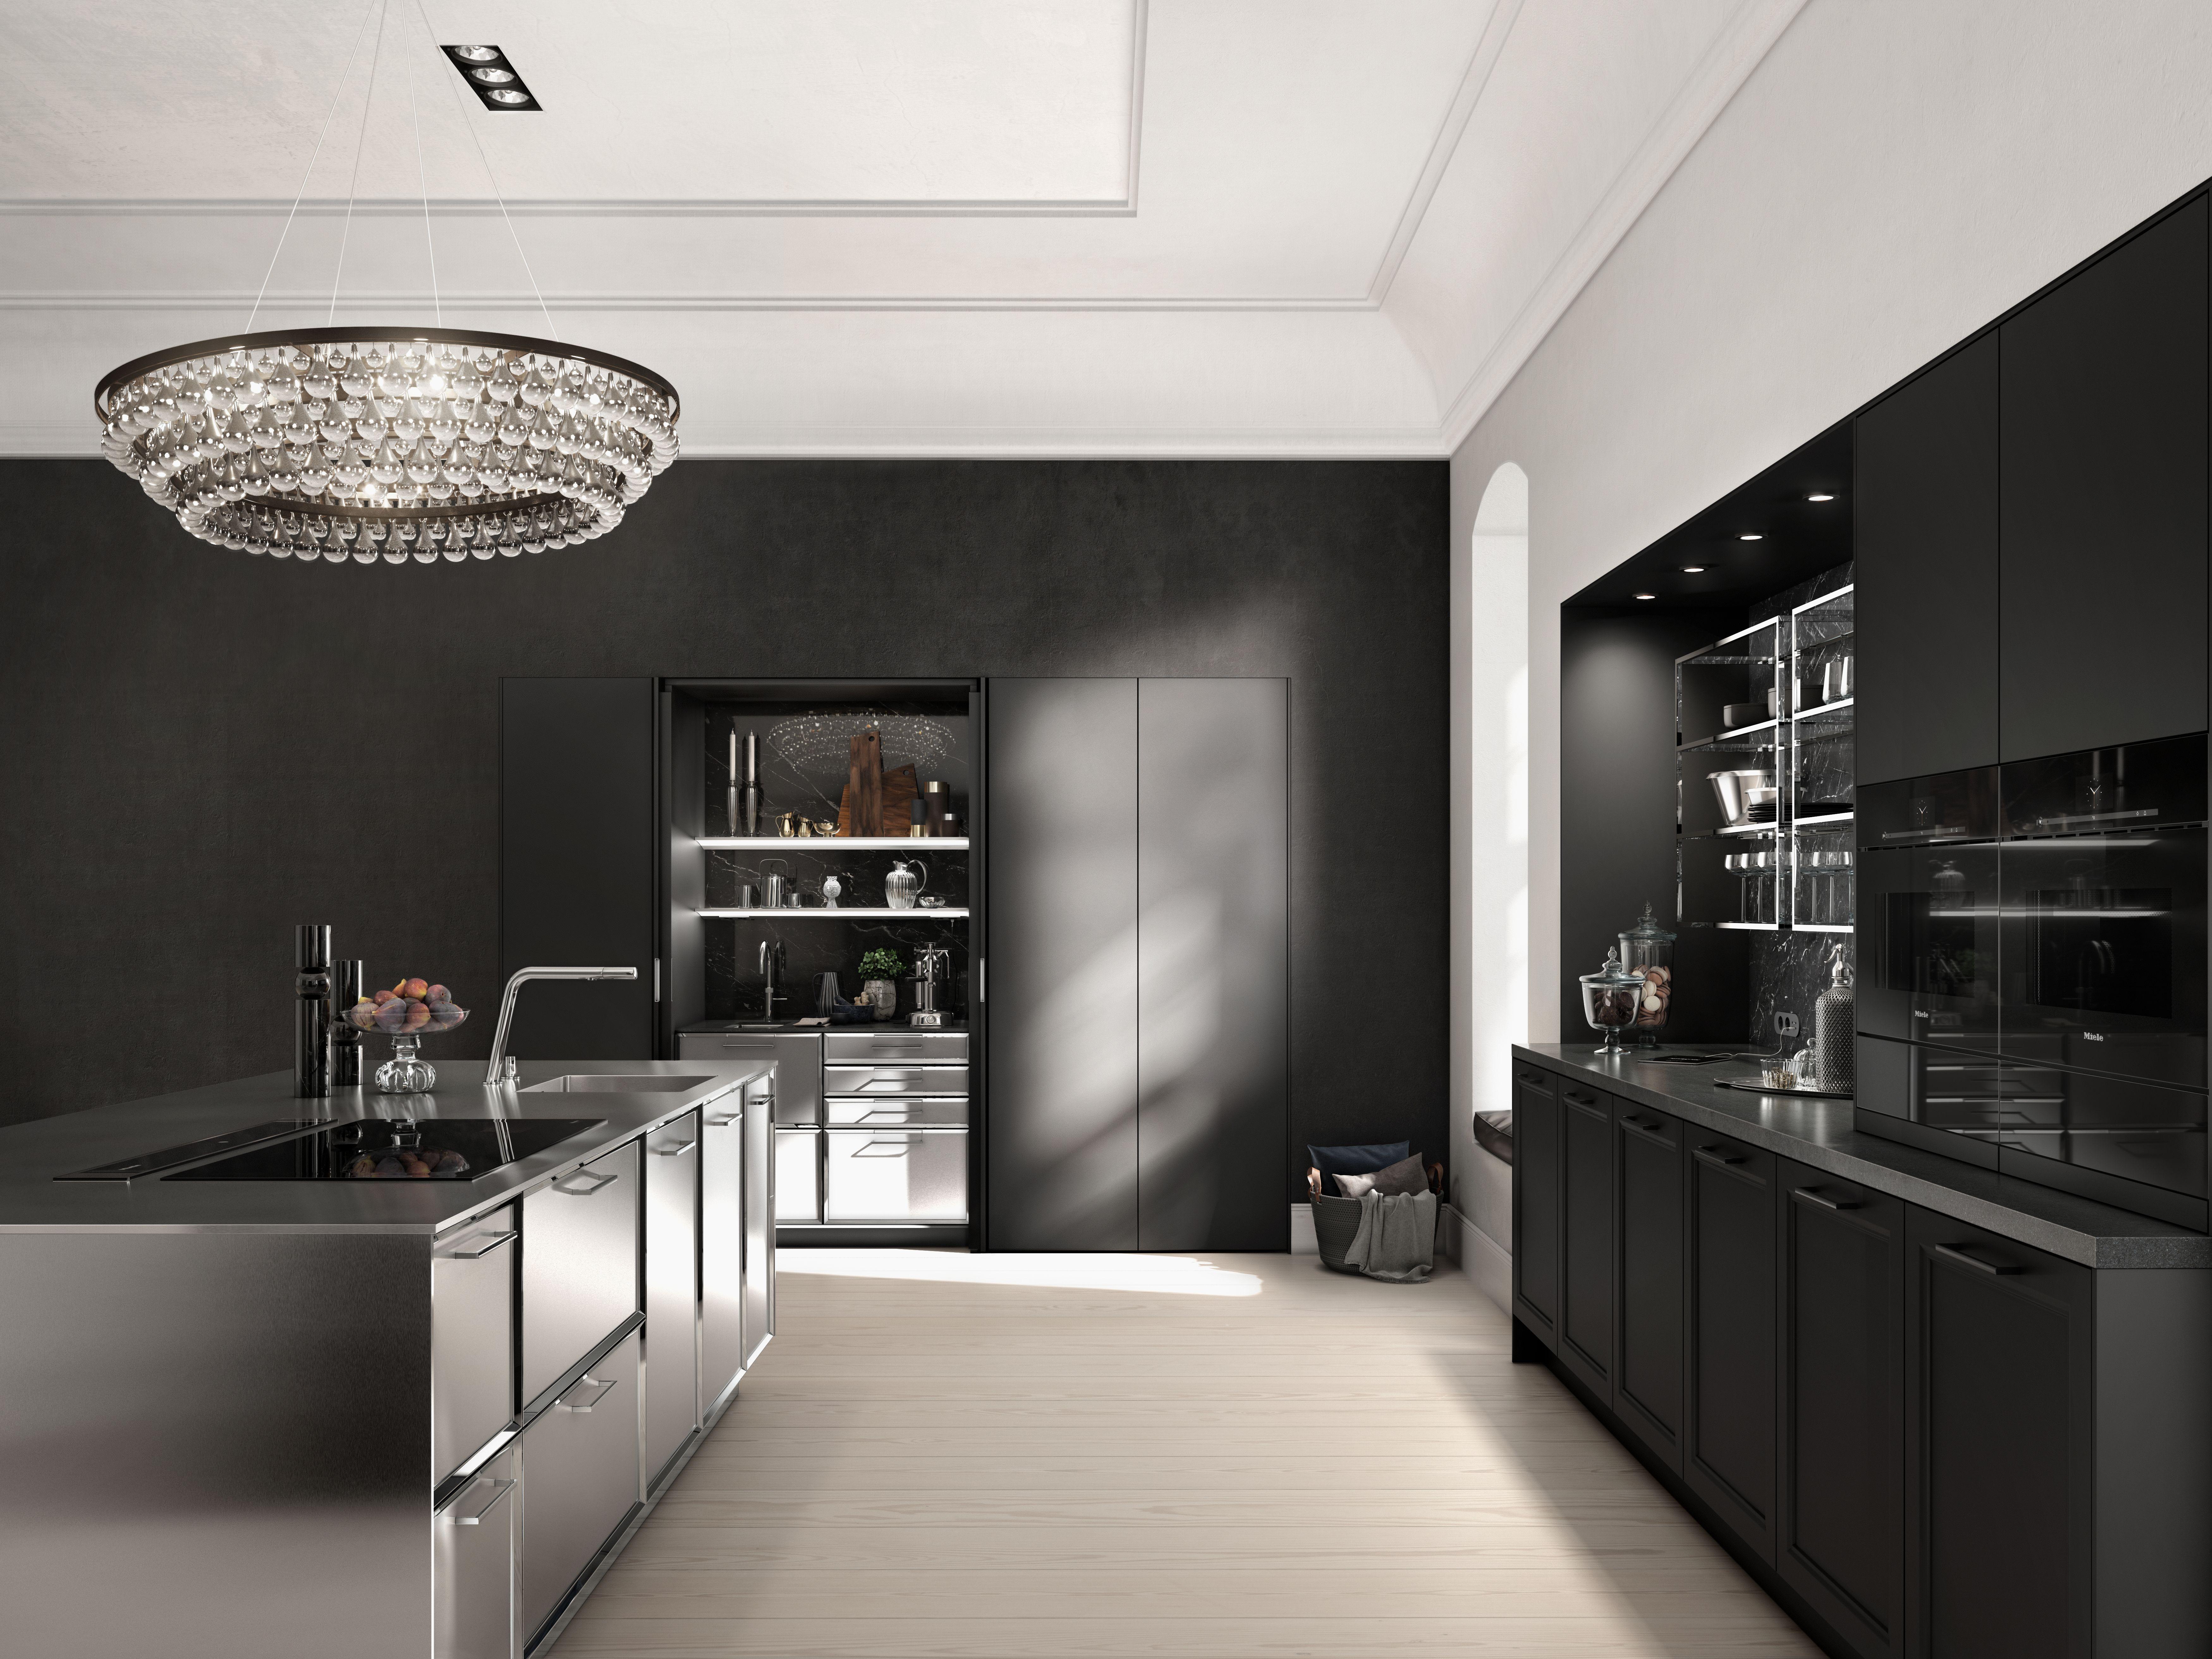 Meuble Bas De Cuisine Noir Laqué la cuisine s'habille de noir : astuces et conseils de pros